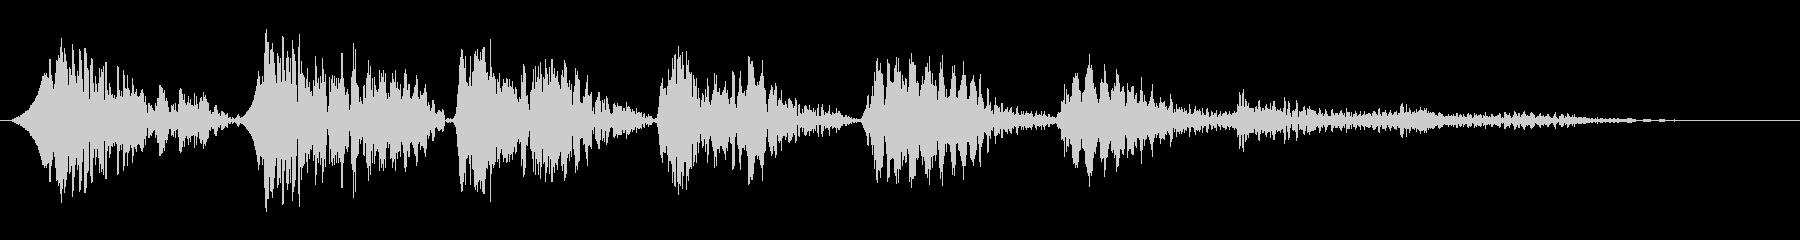 バネ系ピョンピョン…高音への未再生の波形